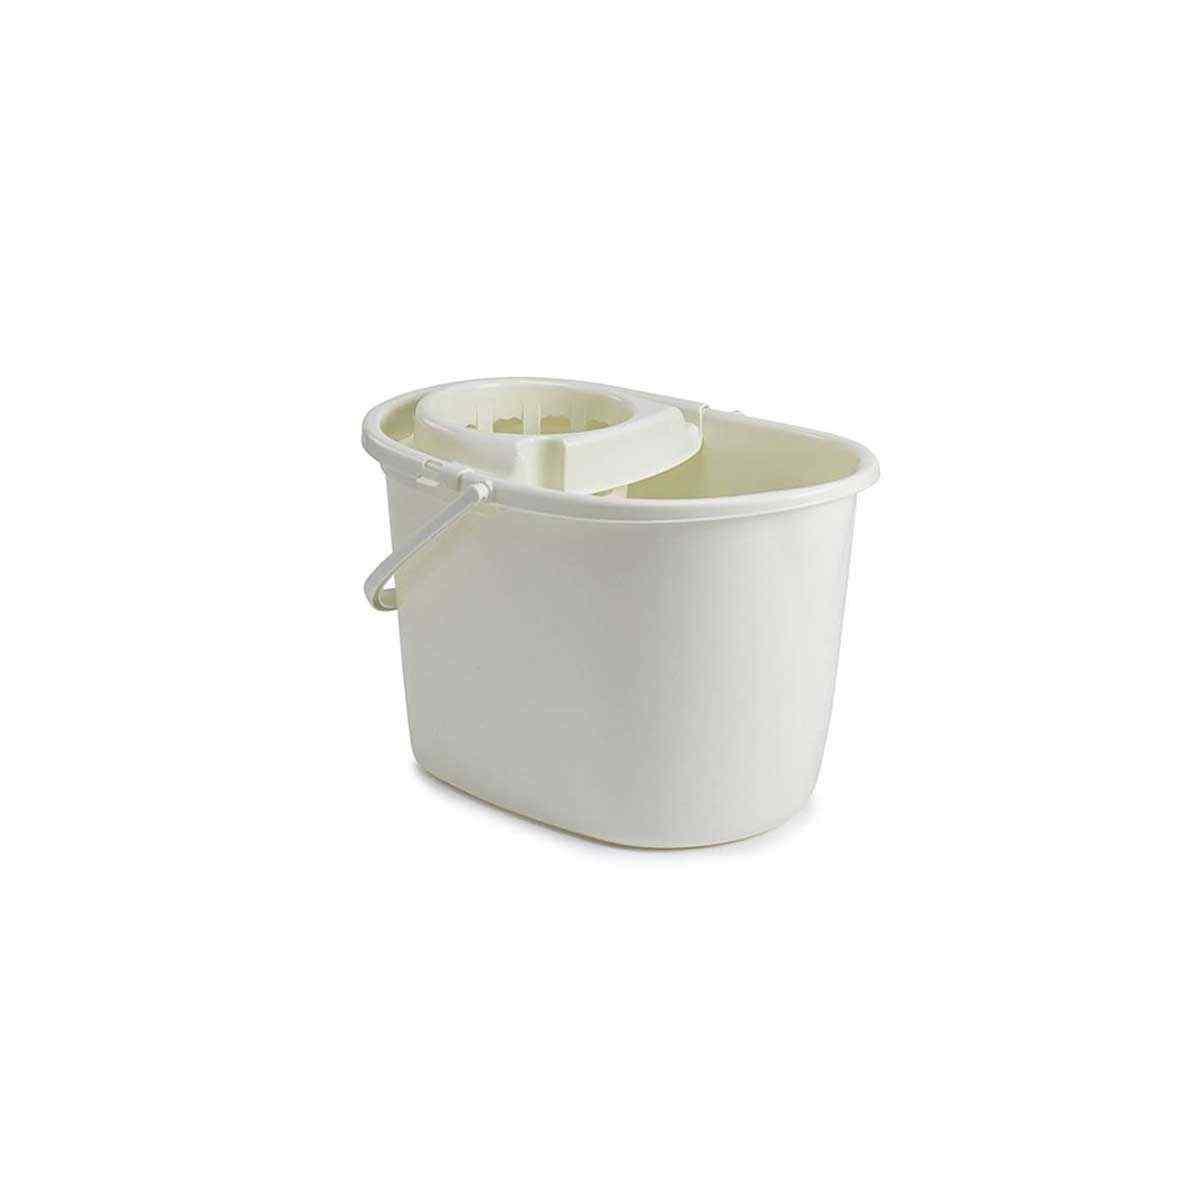 Whitefurze 15lt Durable Plastic Mop Floor Cleaning Bucket